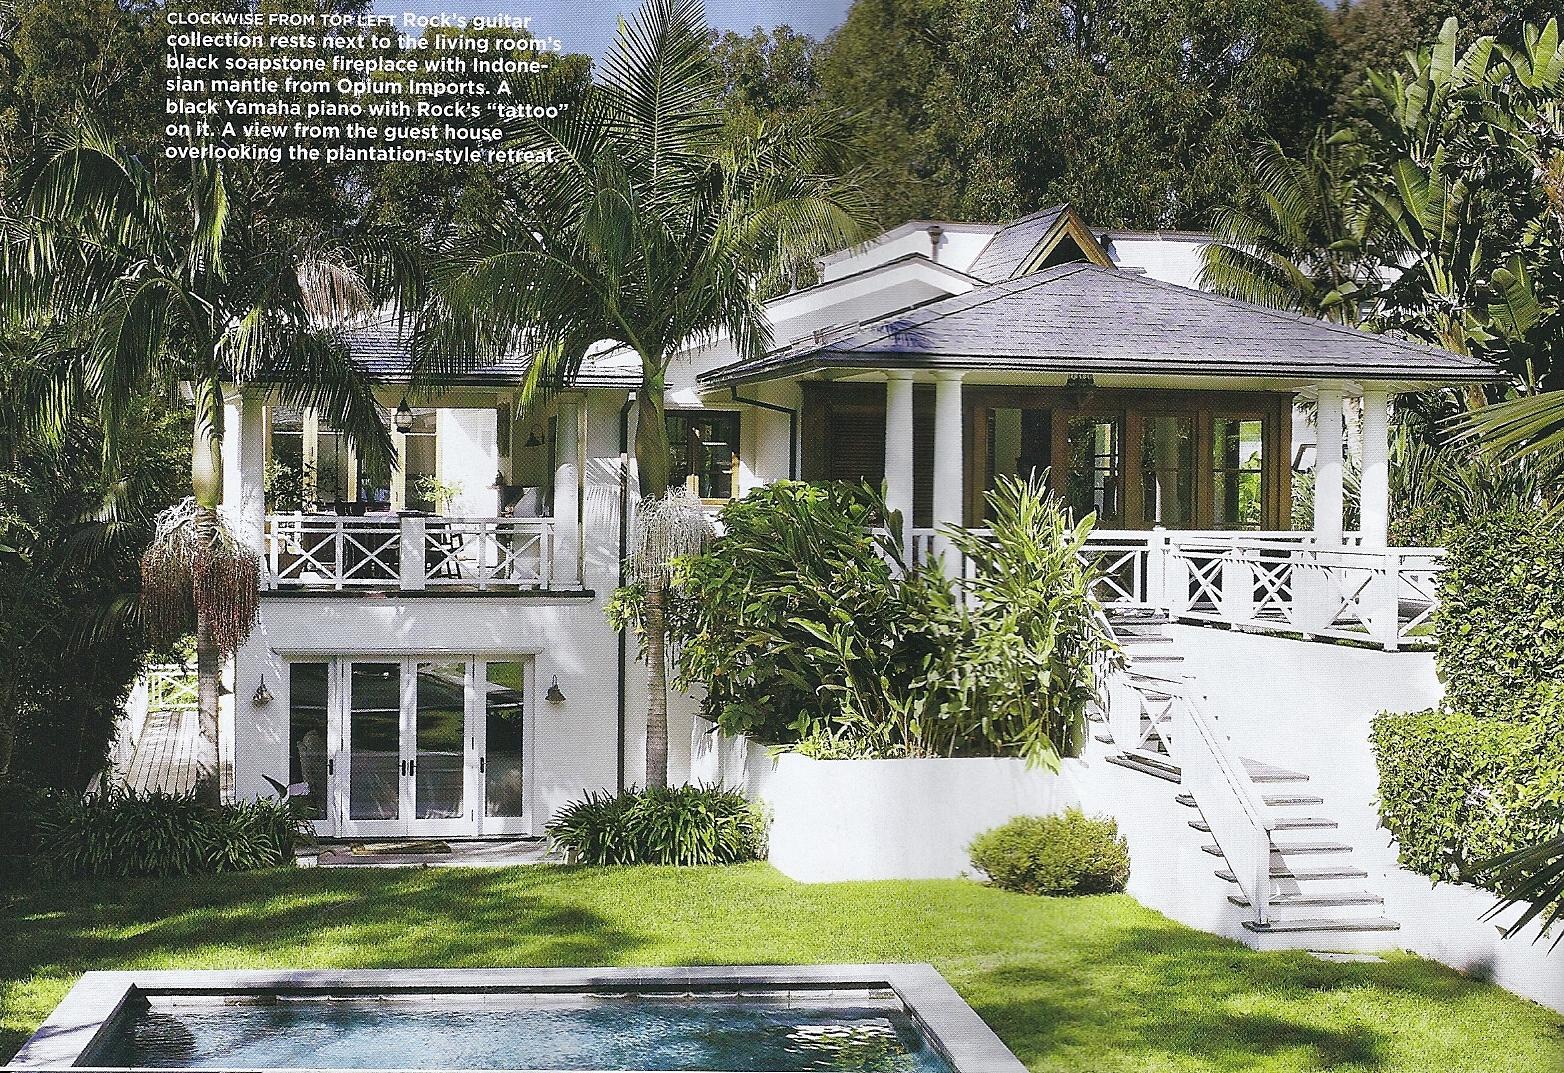 http://4.bp.blogspot.com/_6gZO9WW7l6k/TKyhtiJT30I/AAAAAAAAKIM/9utxAUtvtMI/s1600/C+Magazine,+Kid+Rock+House+Exterior.jpg